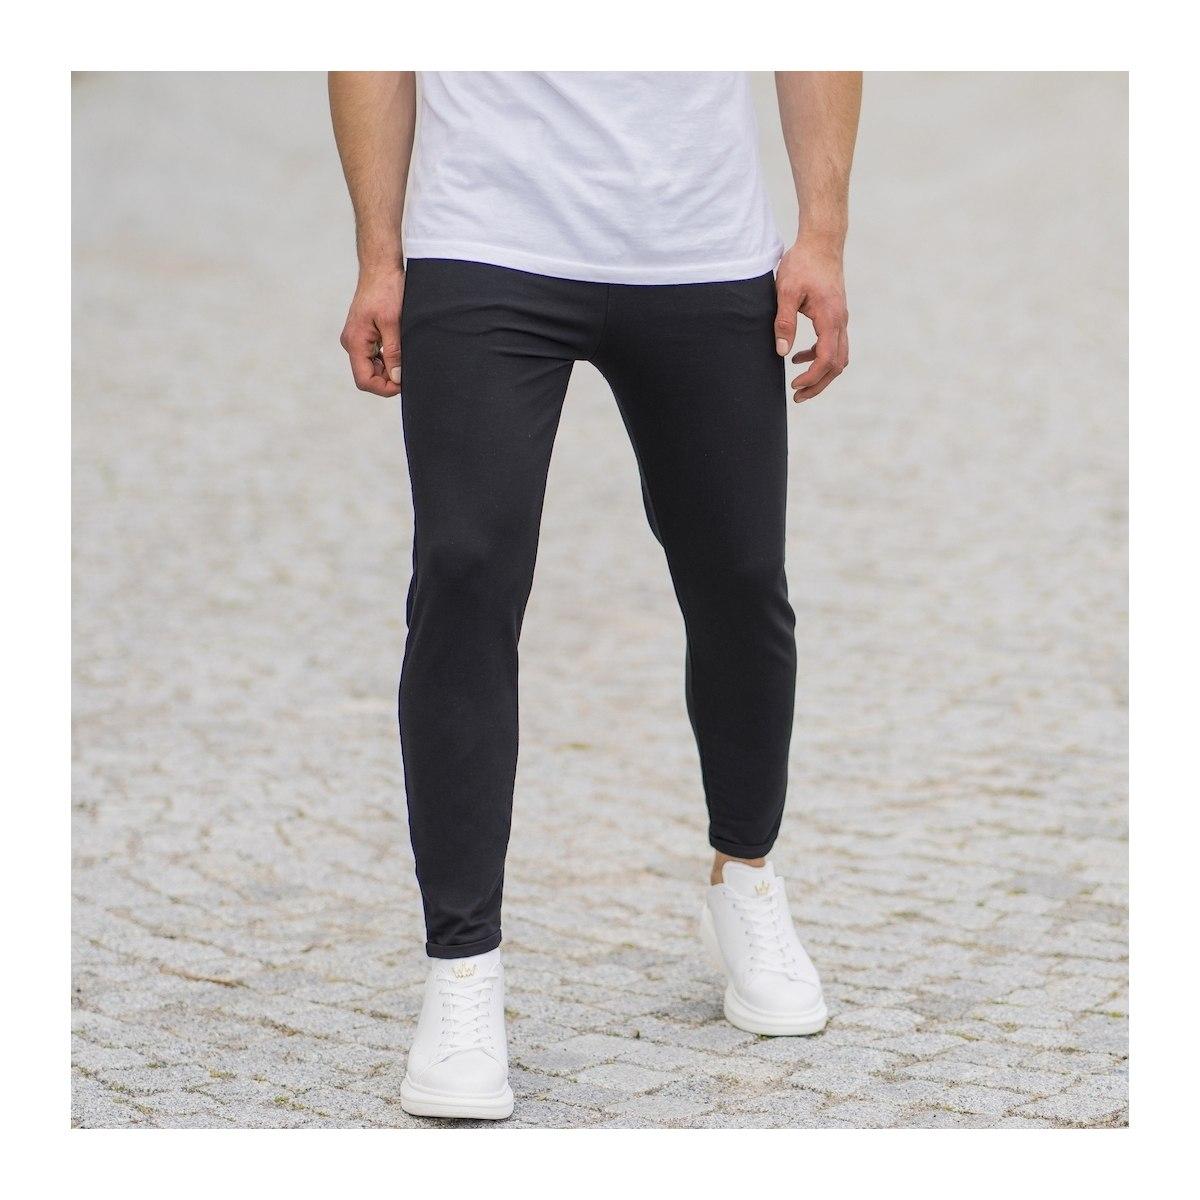 Men's Skinny Basic SweatPants In Black